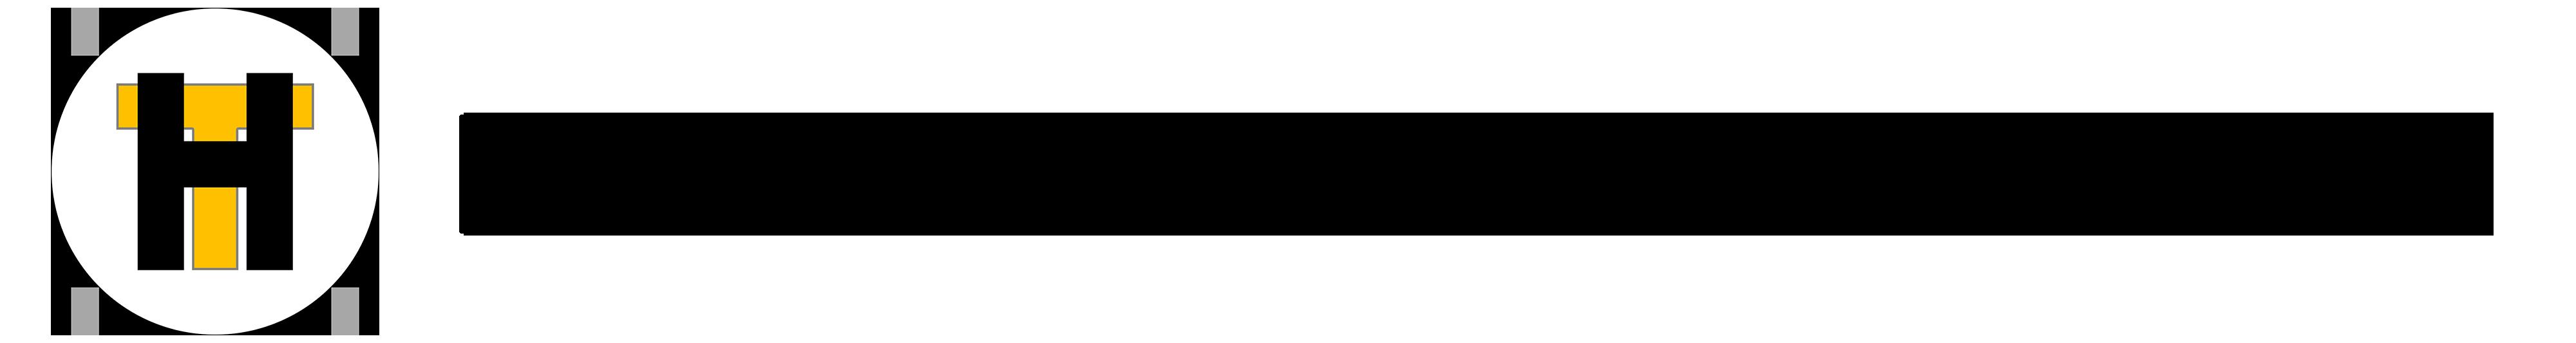 HEURONTECHNOLOGIES